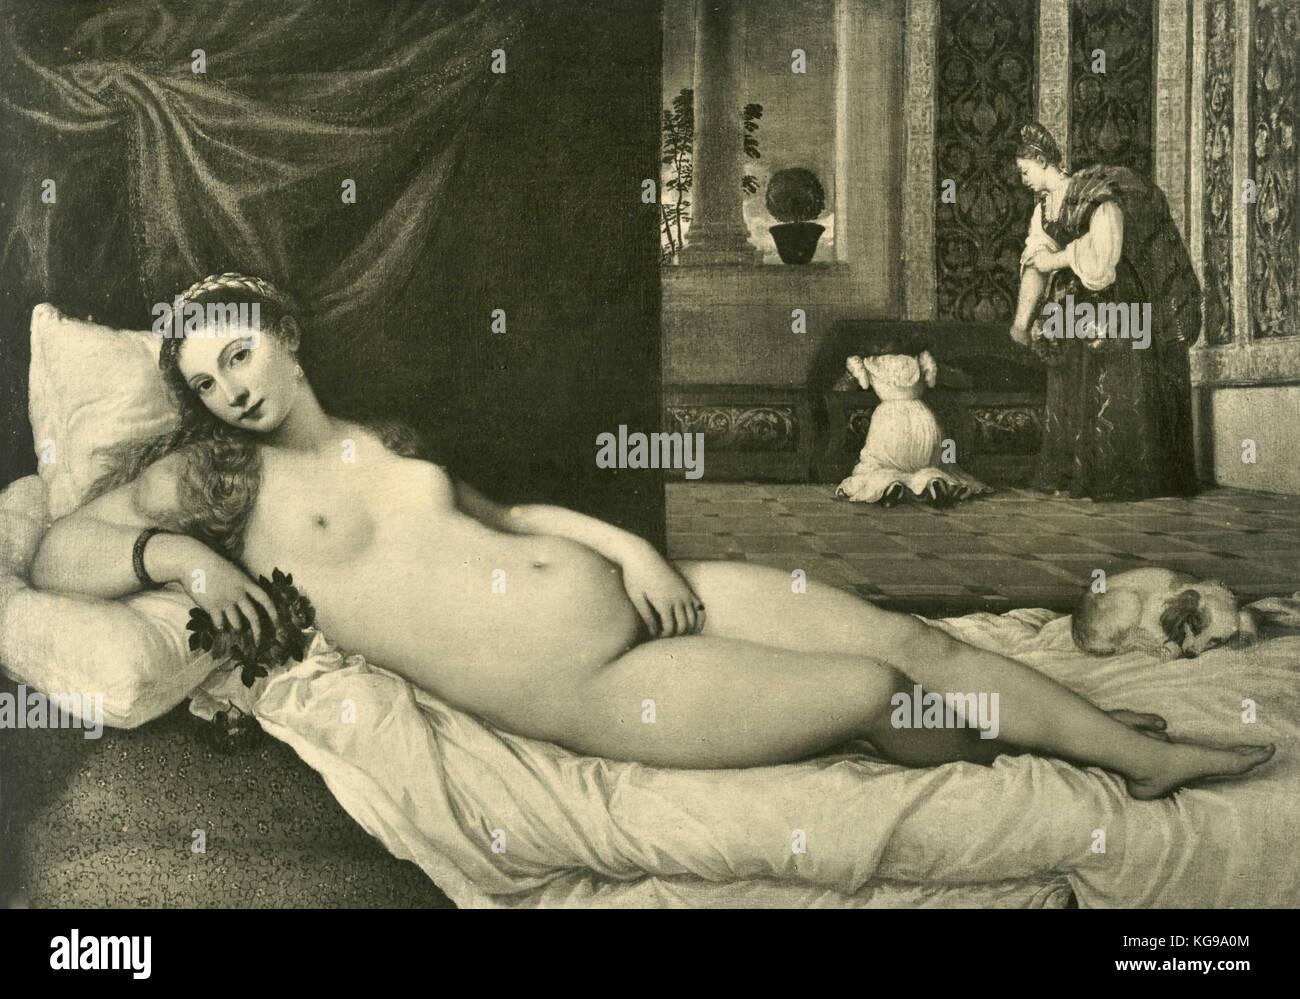 Di Venere o l'amante del duca di Urbino, dipinta da Tiziano Immagini Stock